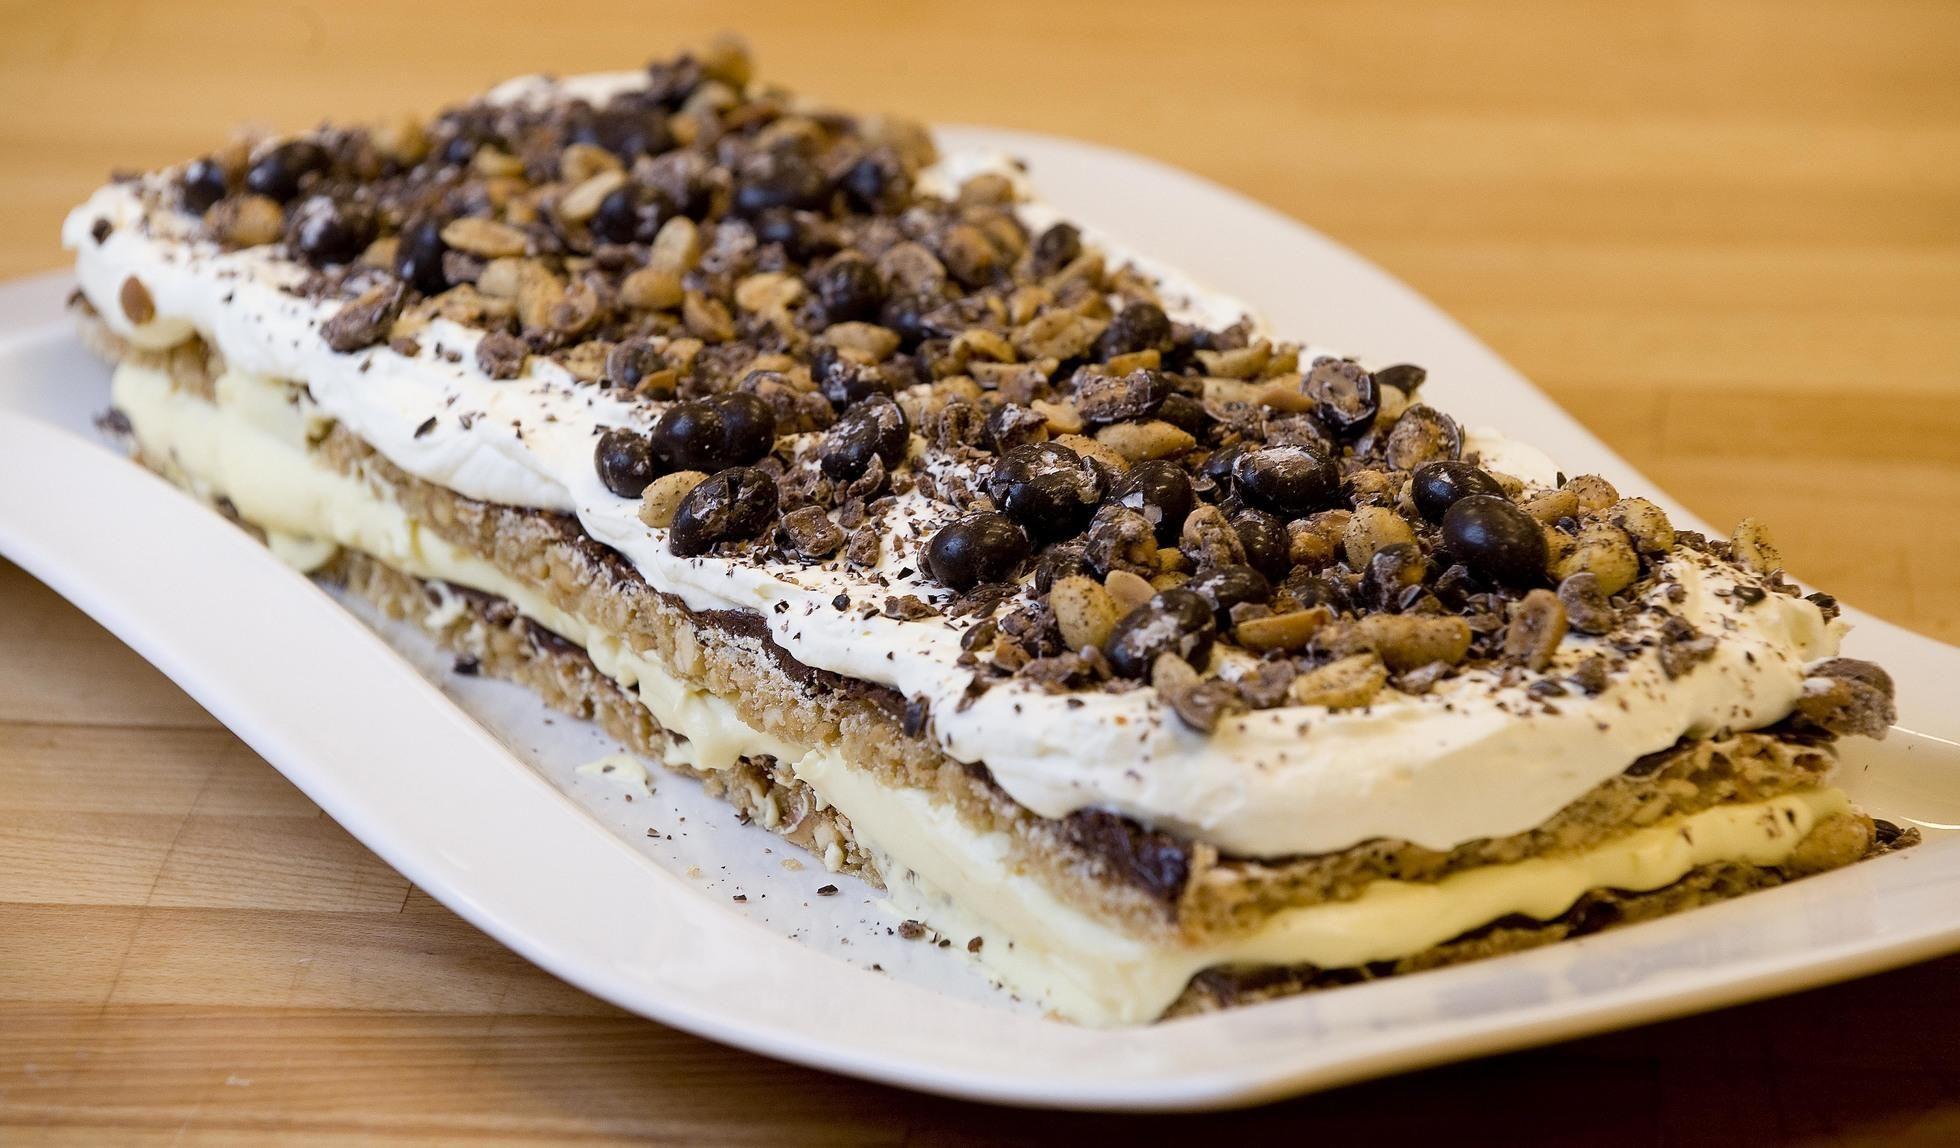 """Denne kaken har navn som ritzkake, peanøttkake eller snickerskake, navnet skjemmer ingen. Denne kaken kunne like gjerne vært kalt """"snopekake"""". Kilde: Ellen-Christine Lendengen"""